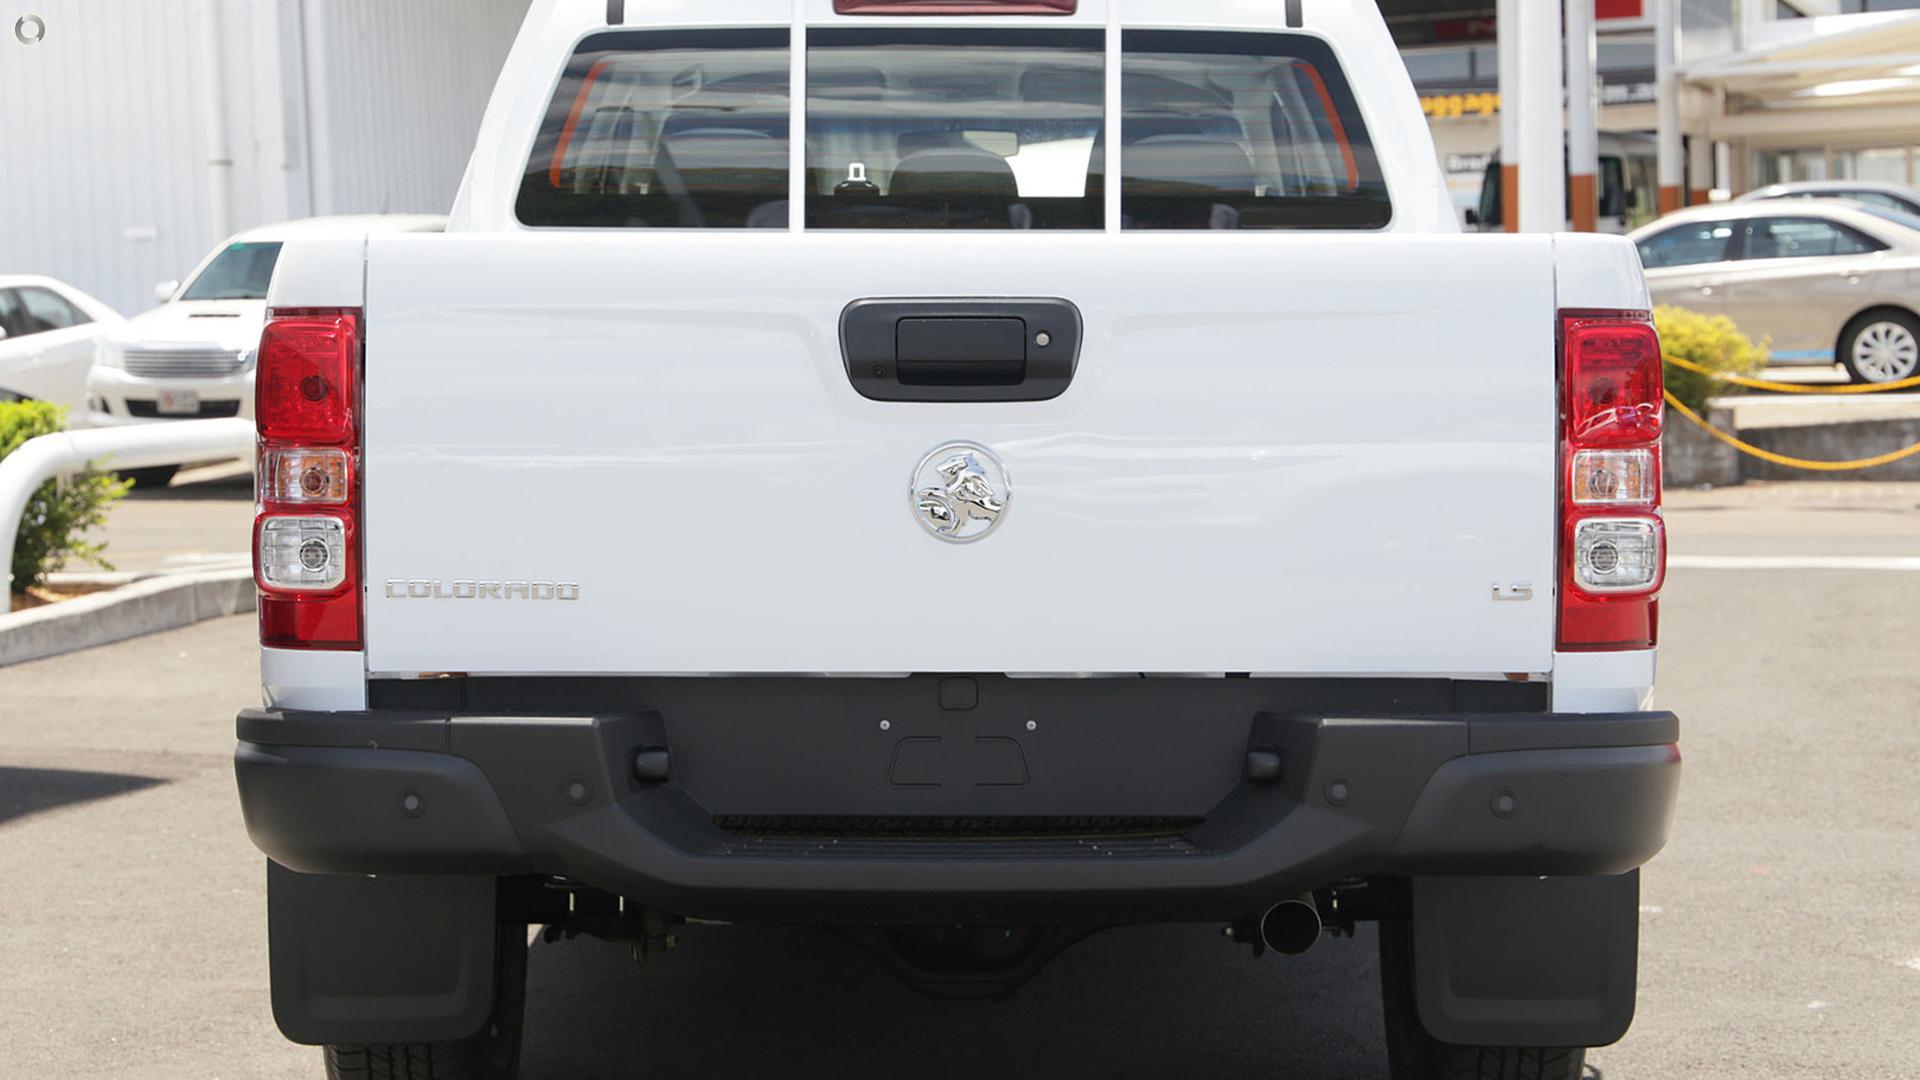 2018 Holden Colorado LS RG